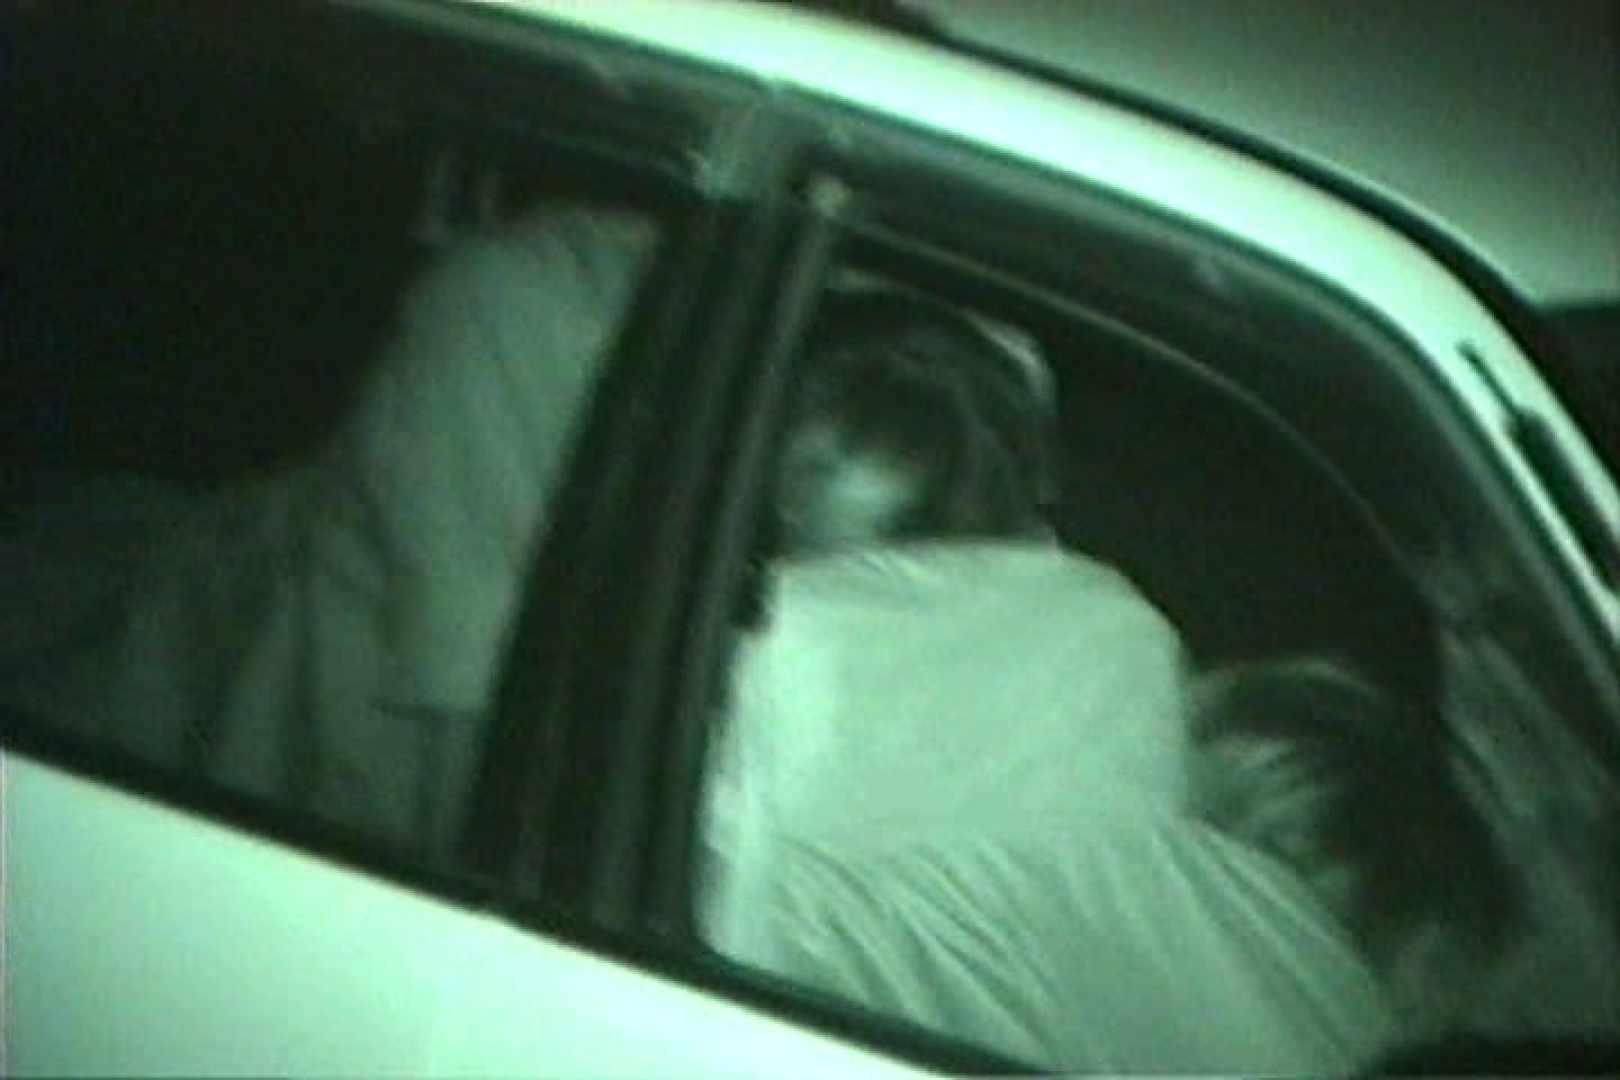 車の中はラブホテル 無修正版  Vol.24 エッチなセックス われめAV動画紹介 102画像 3